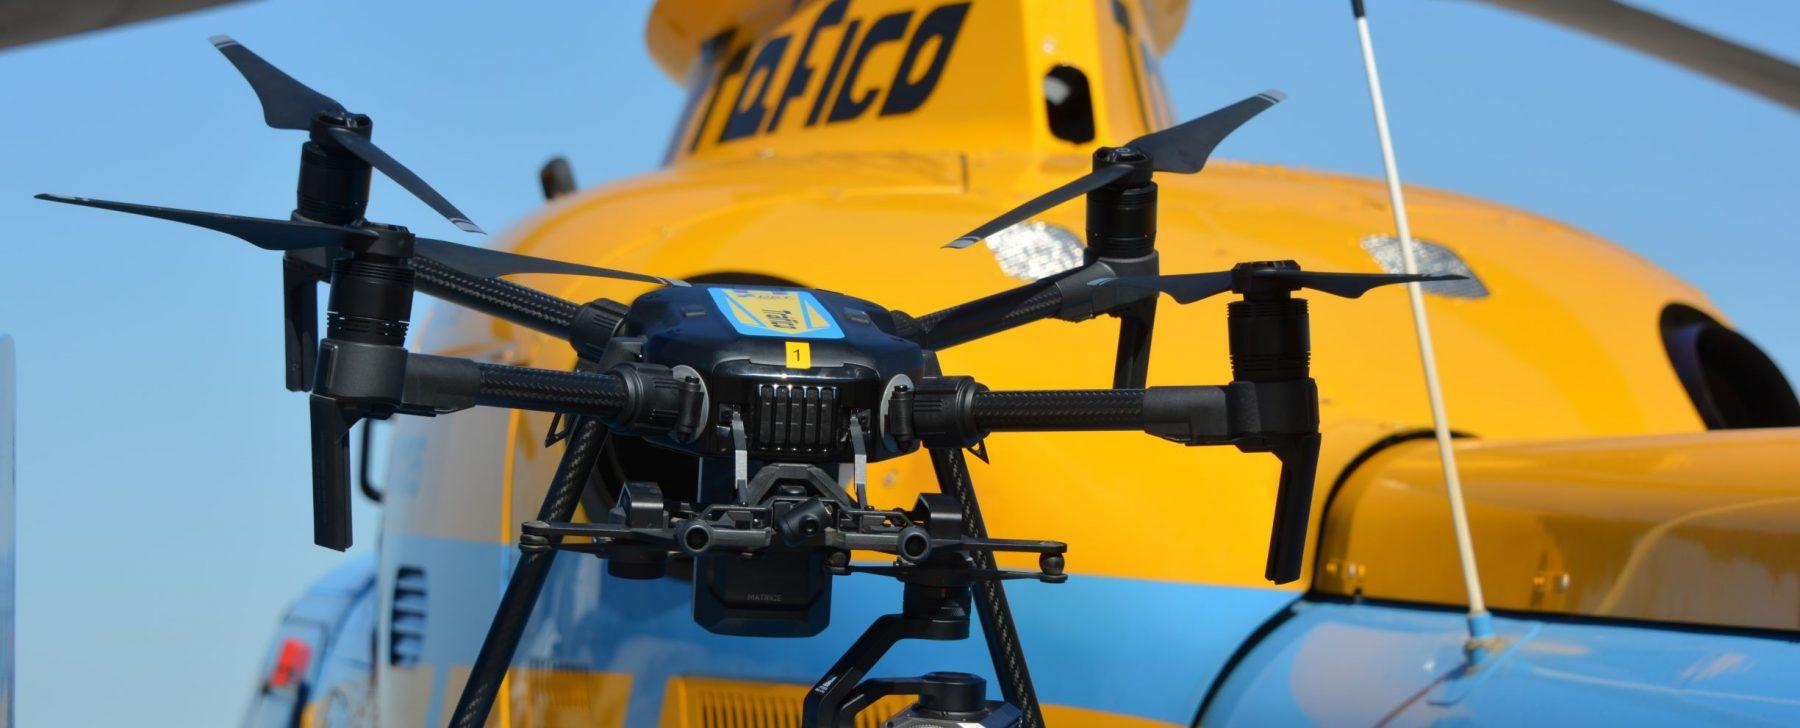 drones dgt